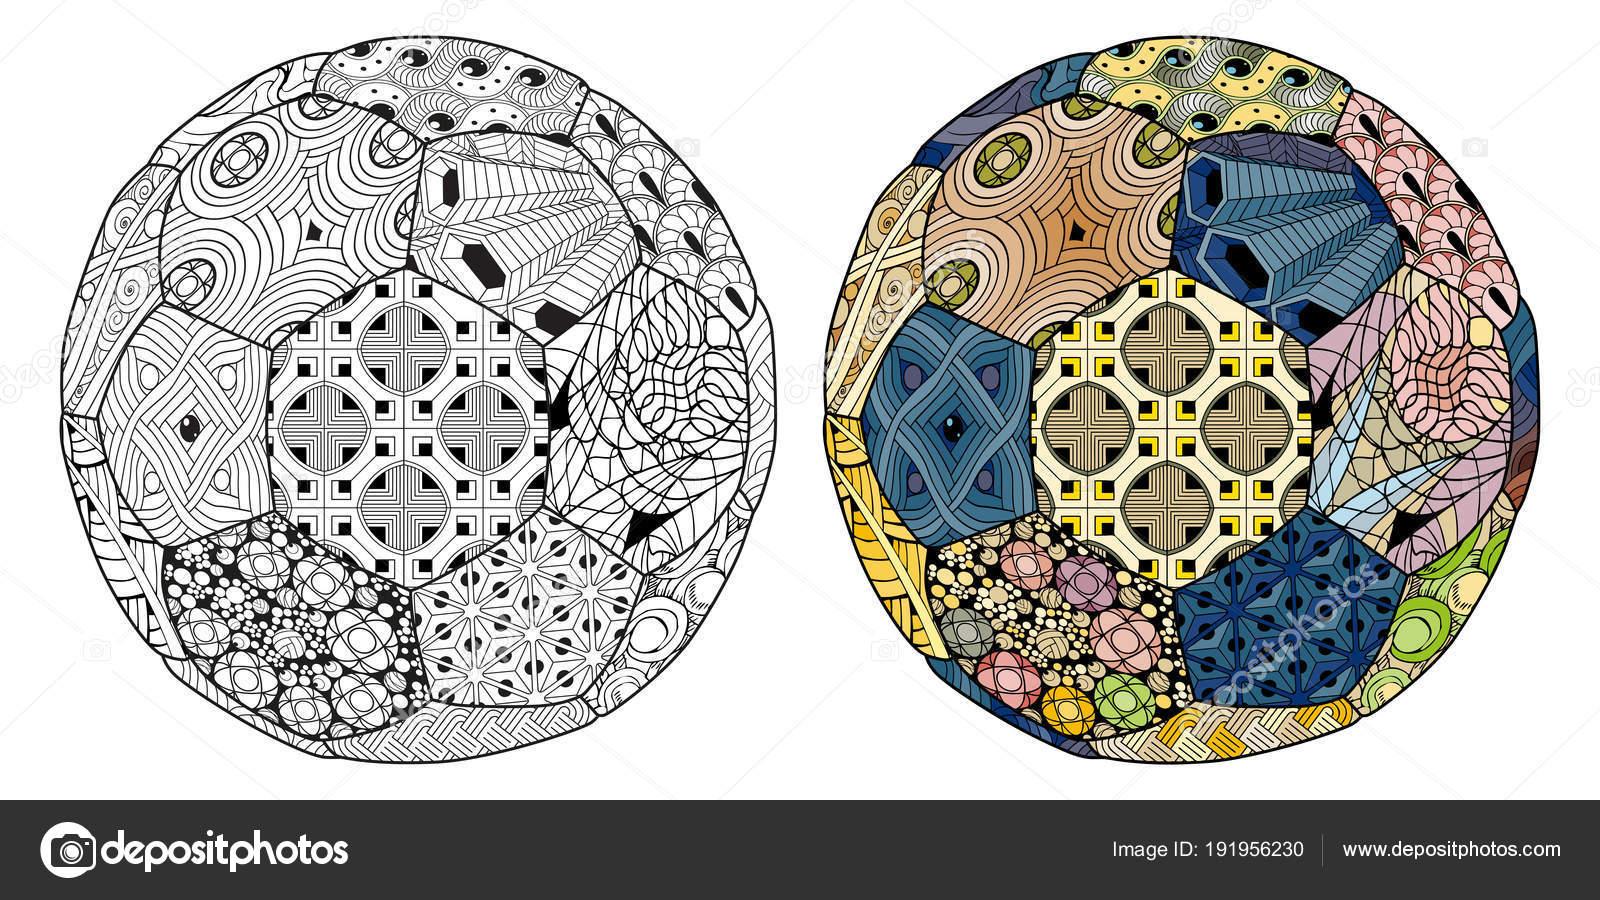 3a5fe9d79a3292 Zentangle estilizado bola de futebol. Ilustração em vetor mão ...